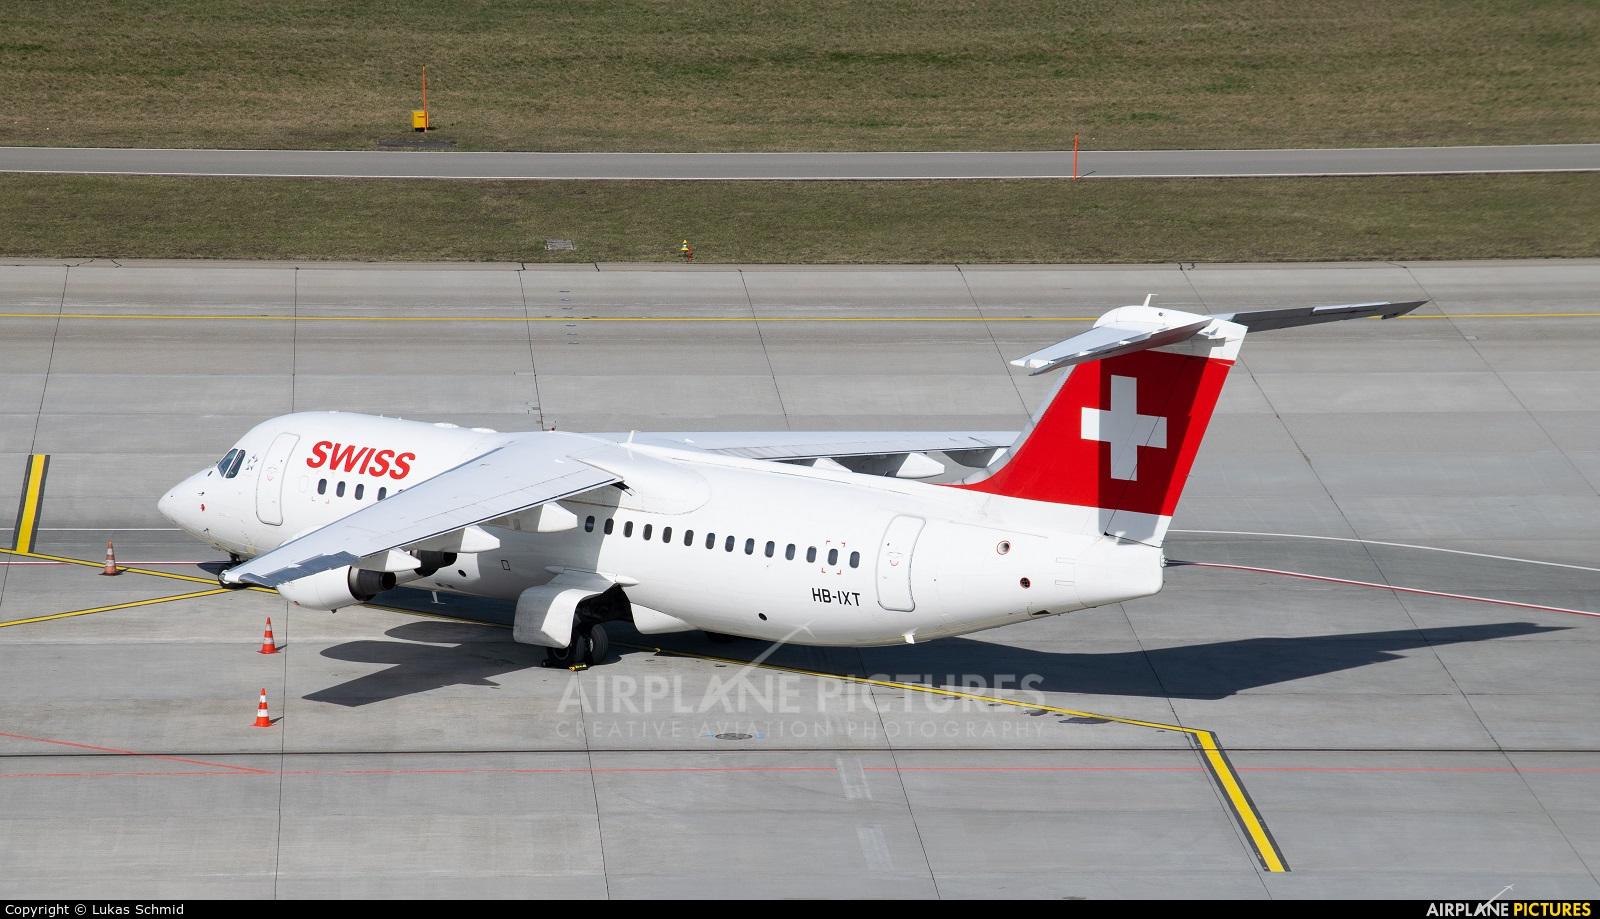 Swiss HB-IXT aircraft at Zurich